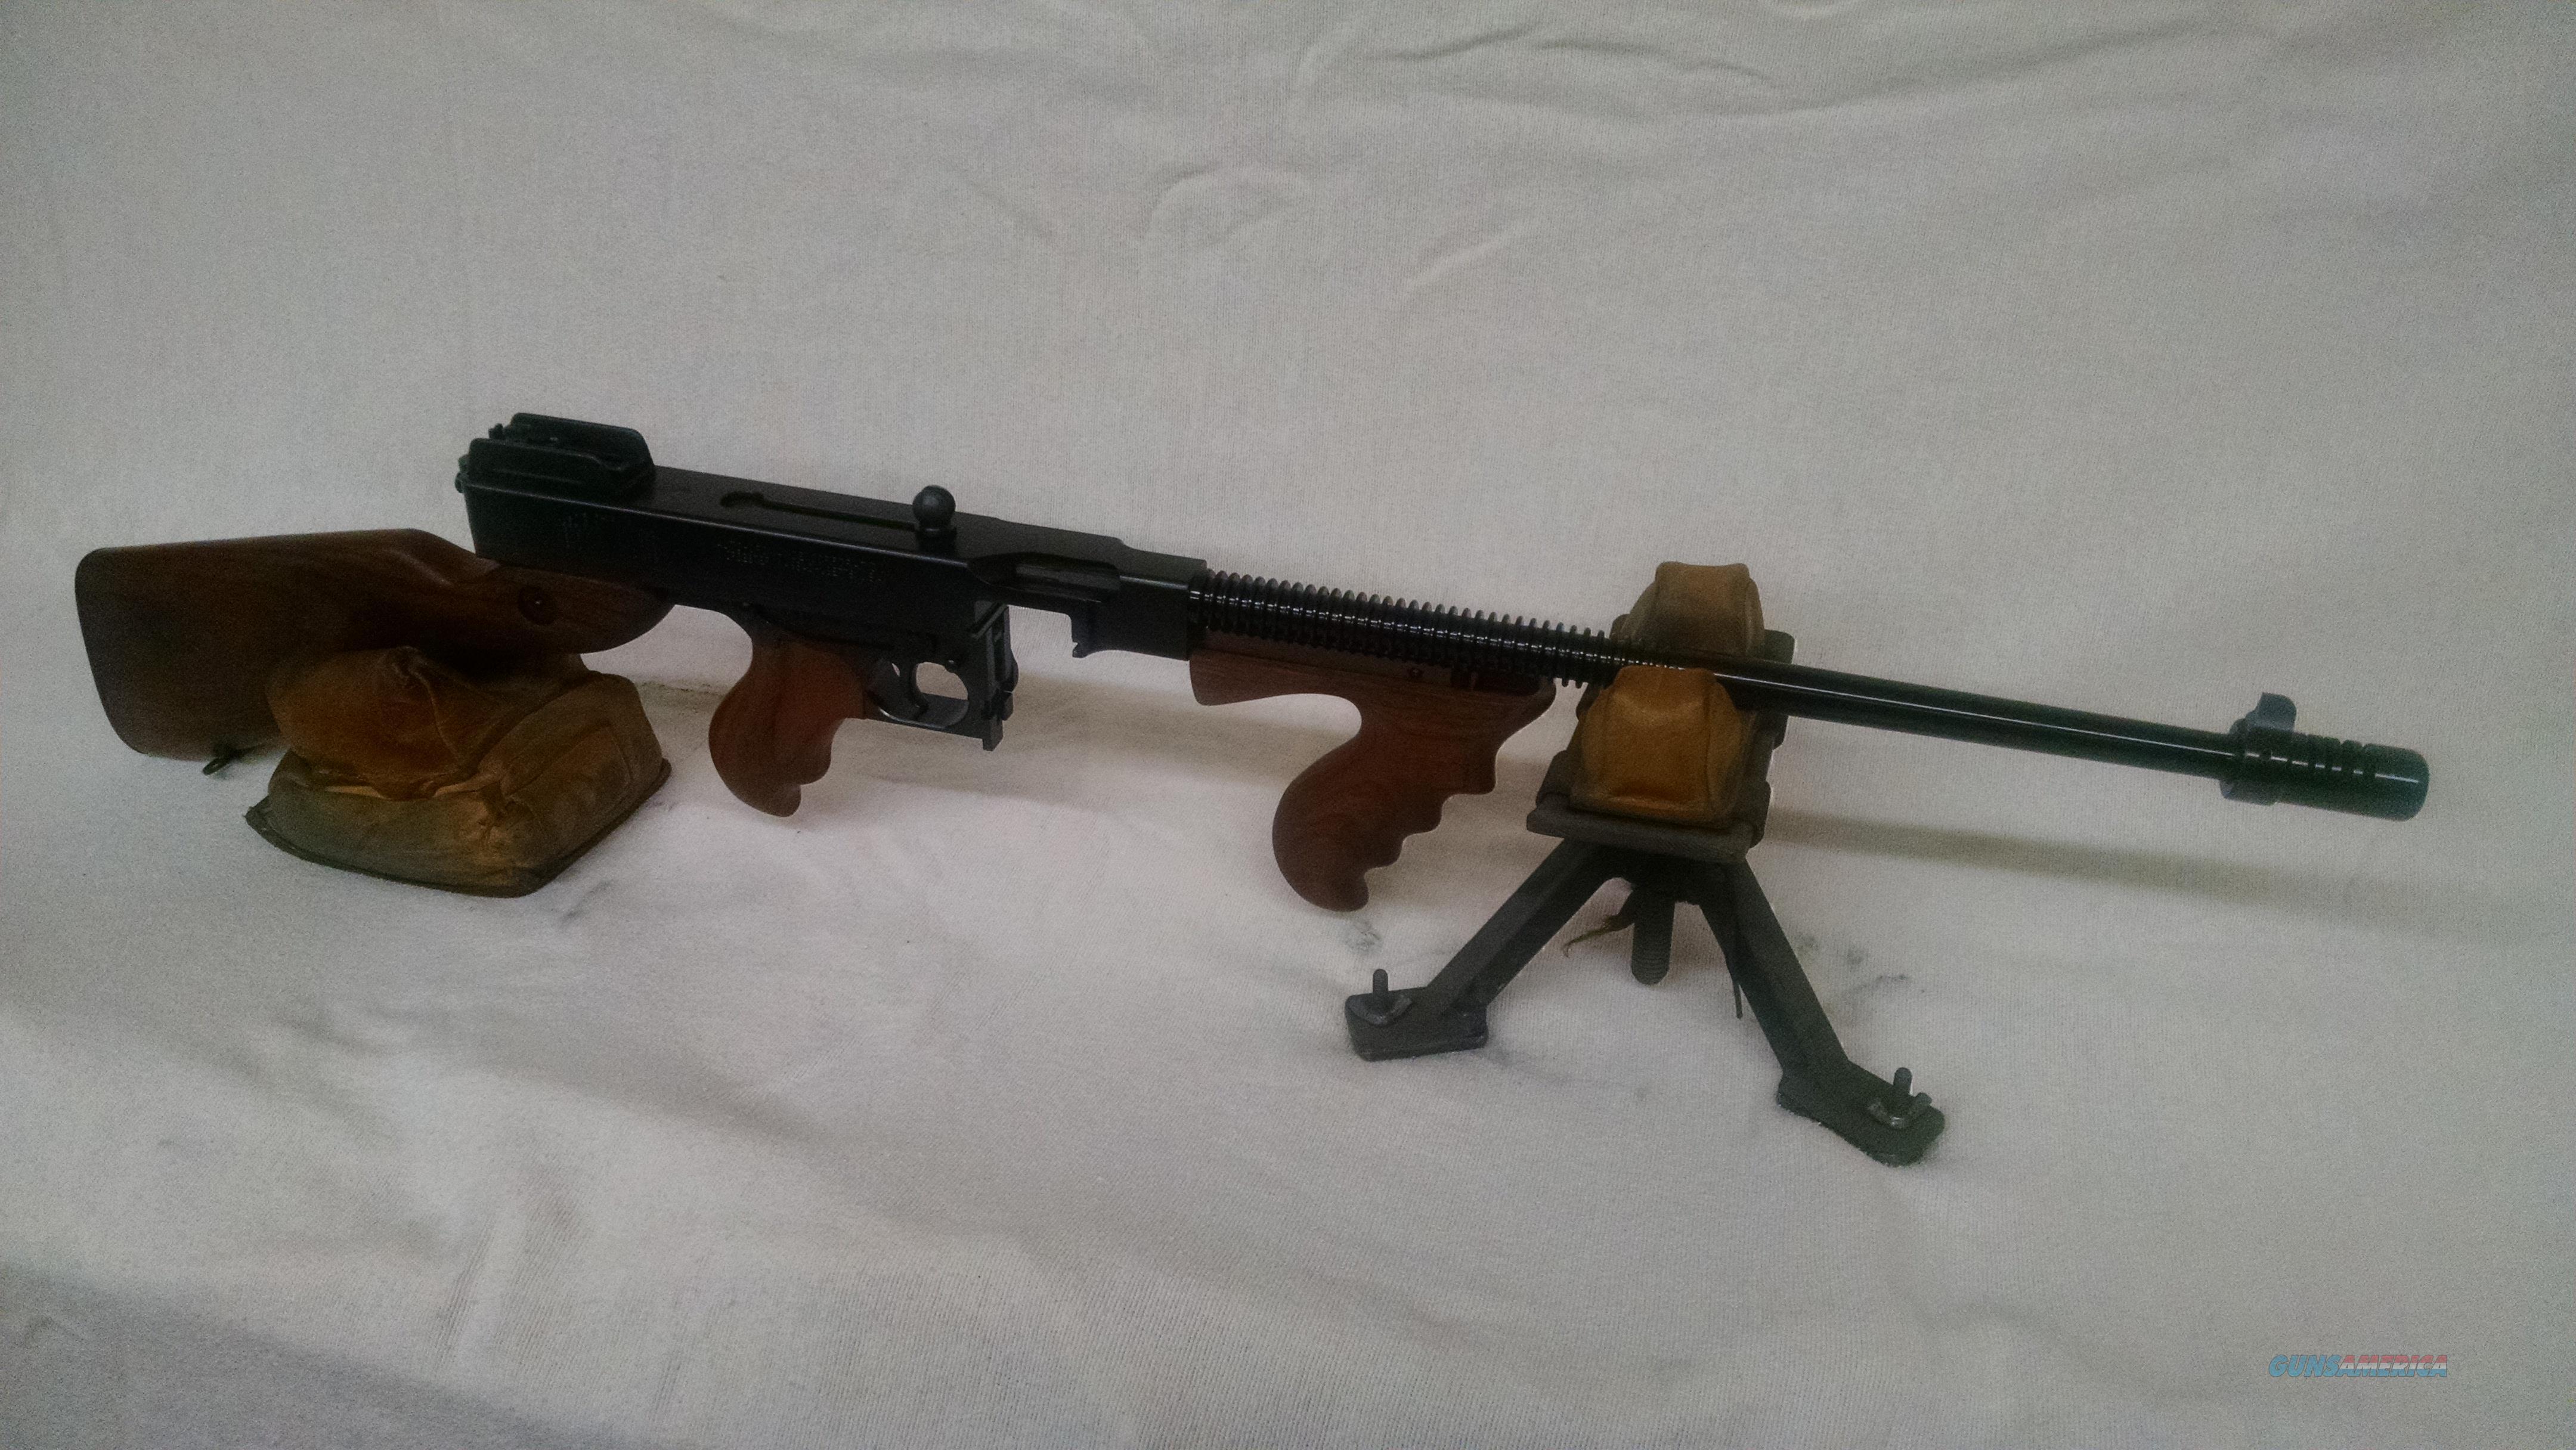 Auto Ordnance Thompson, Kahr Arms, 1927A1, 45 ACP  Guns > Rifles > Auto Ordnance Rifles